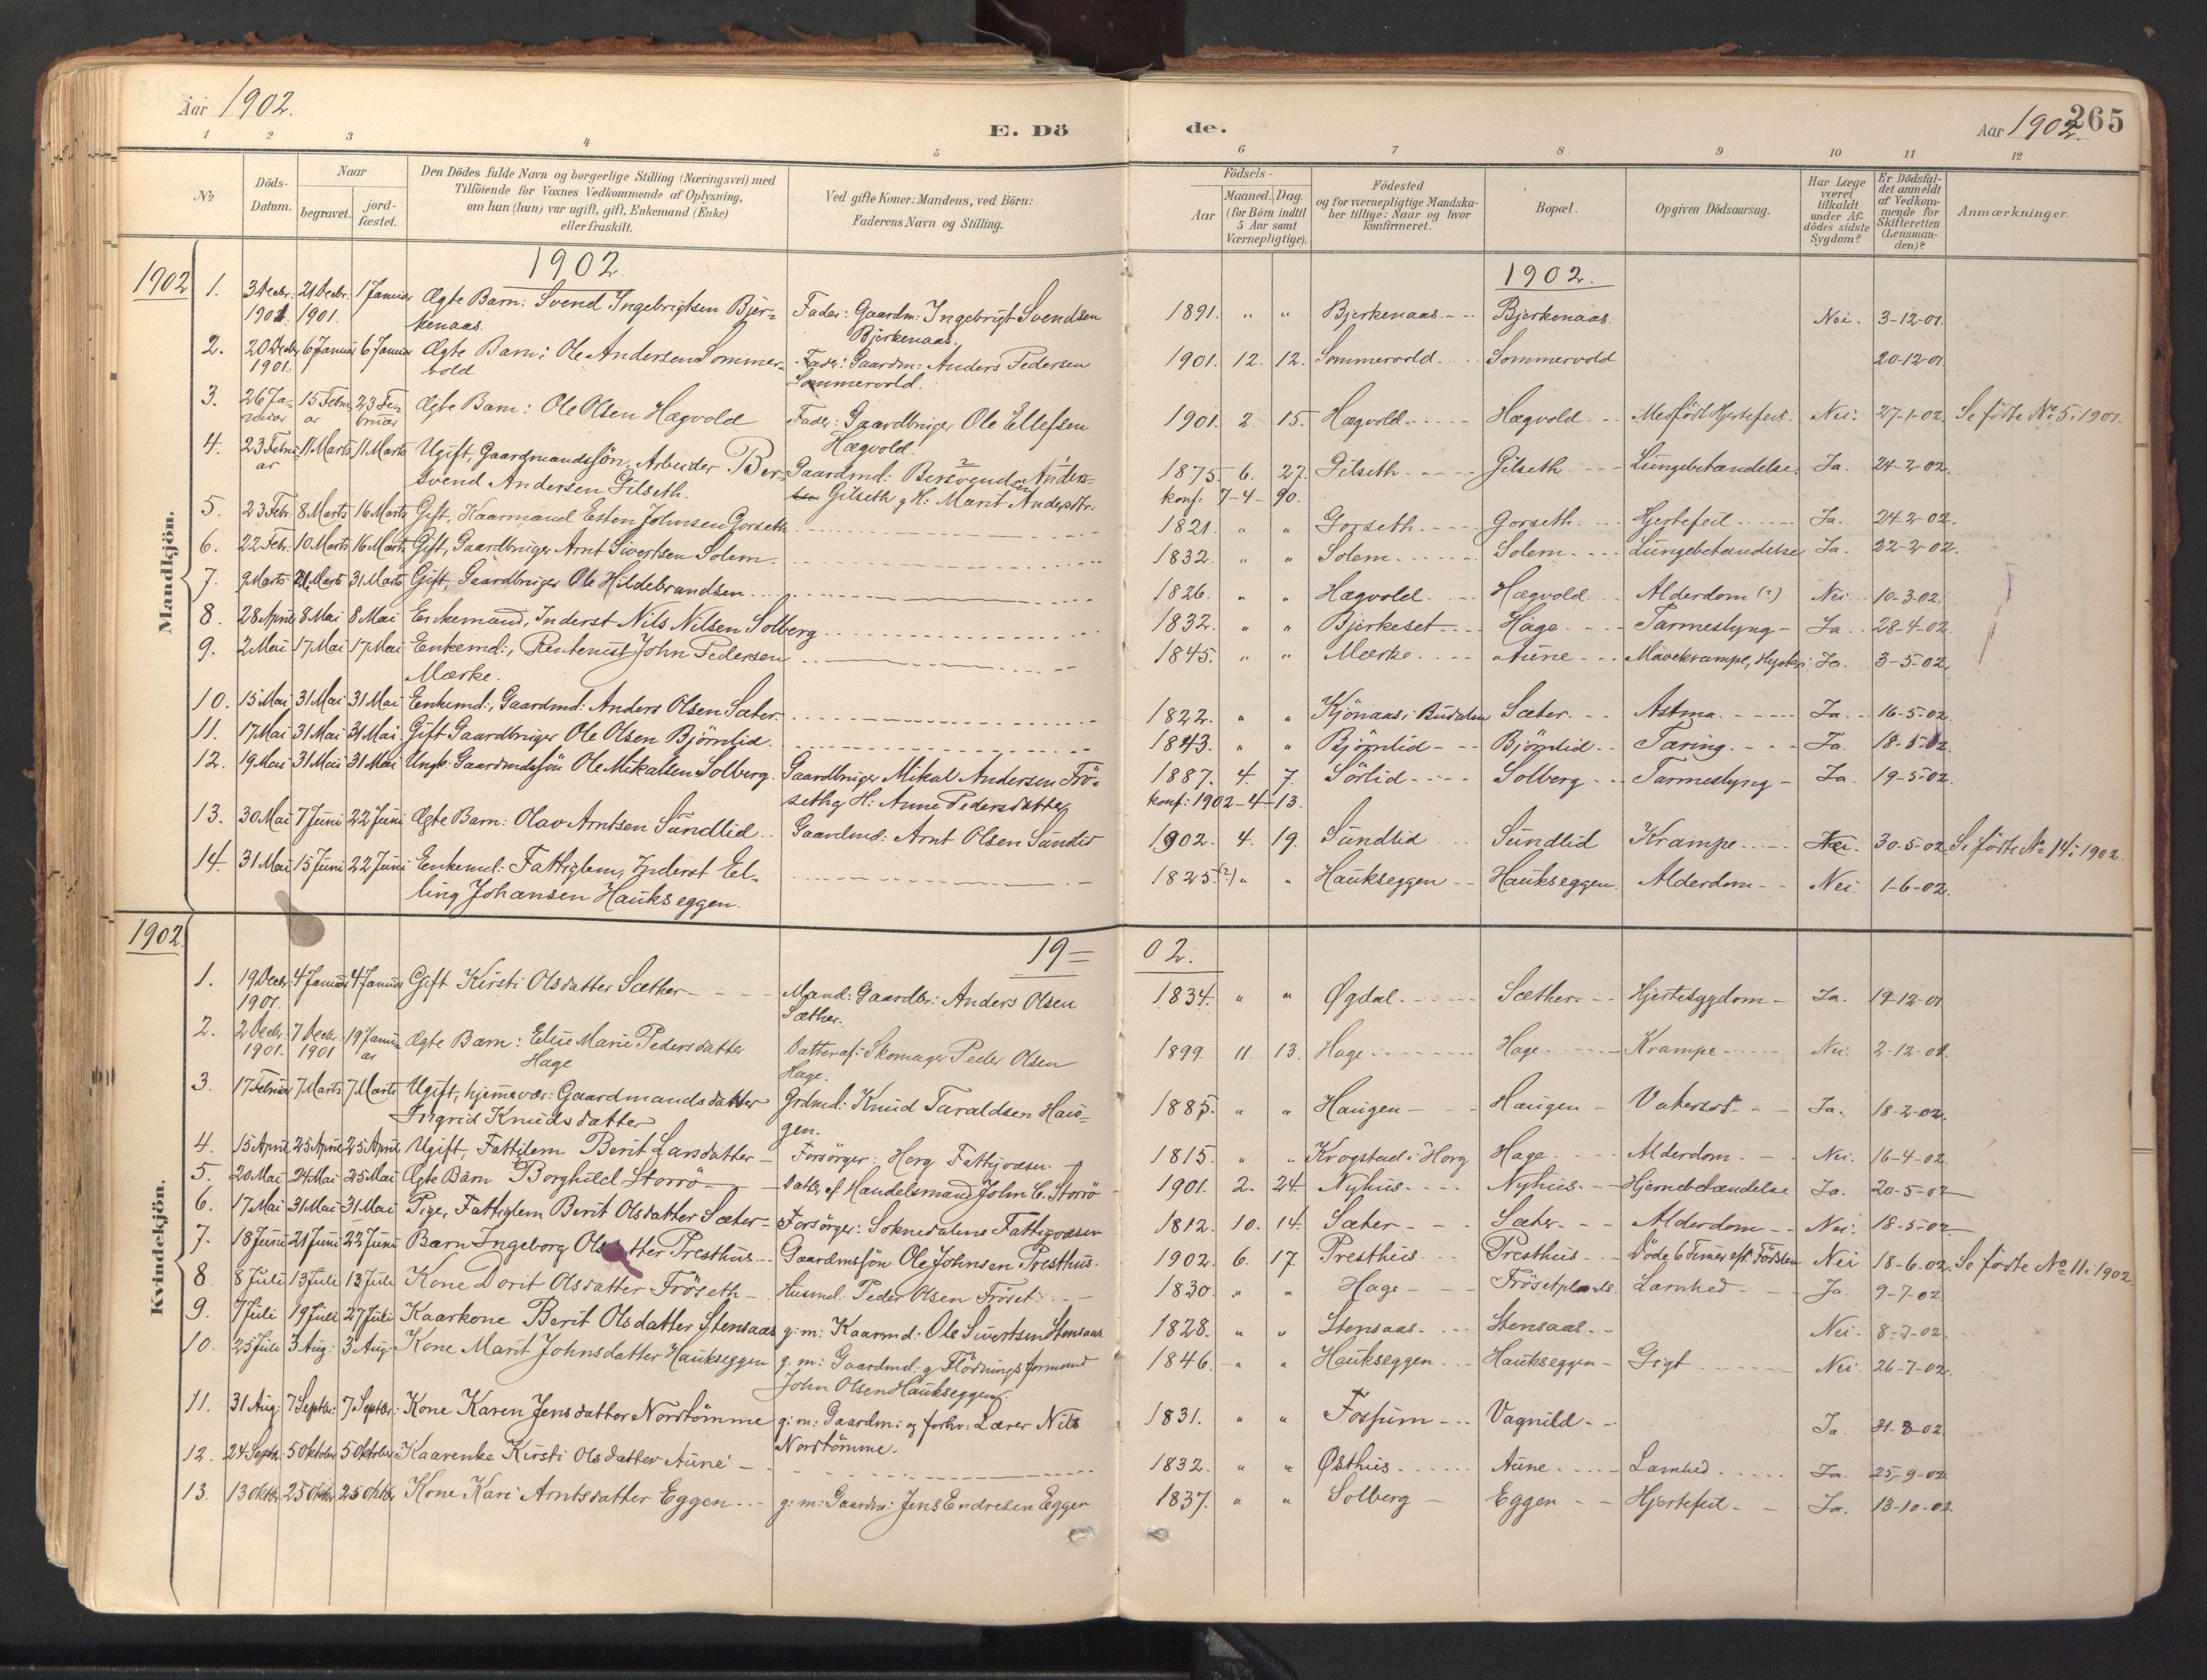 SAT, Ministerialprotokoller, klokkerbøker og fødselsregistre - Sør-Trøndelag, 689/L1041: Ministerialbok nr. 689A06, 1891-1923, s. 265